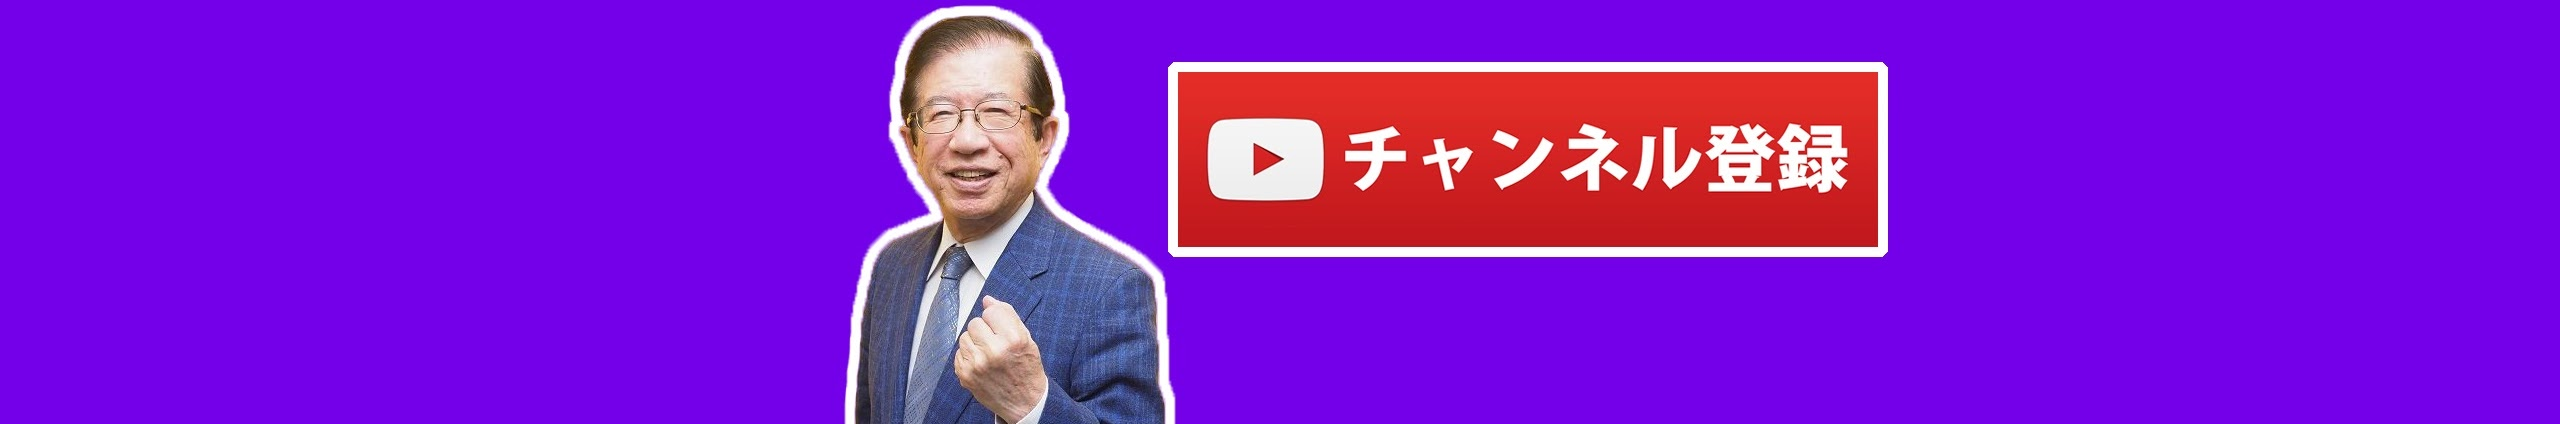 最新 武田 邦彦 youtube 武田邦彦動画最新